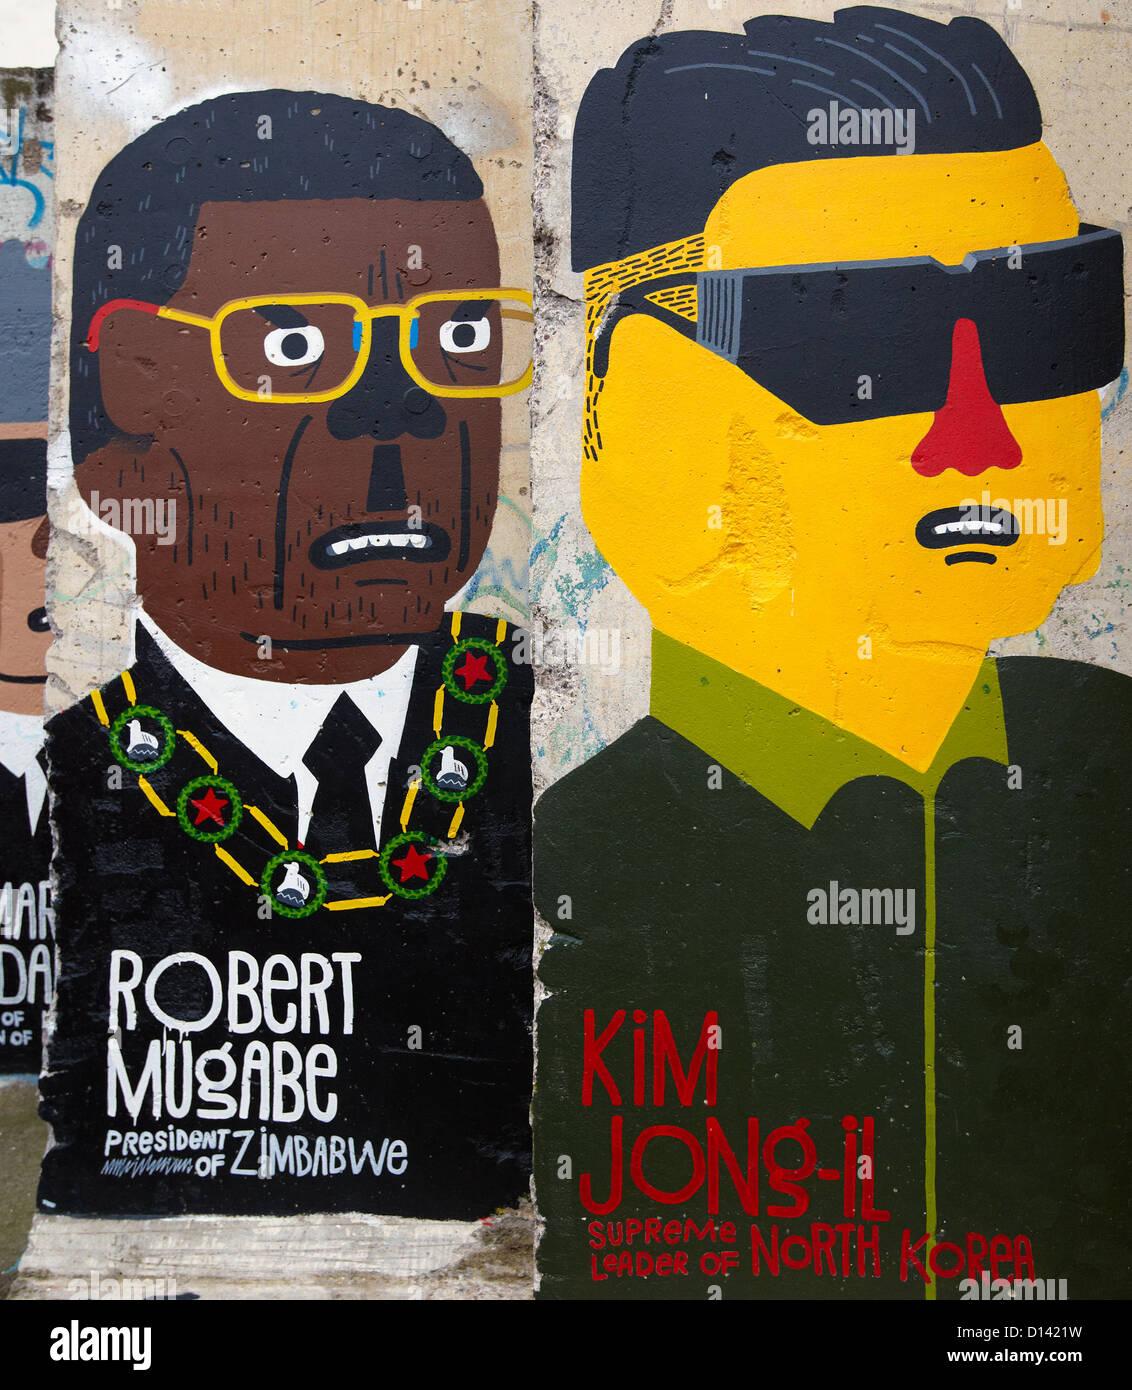 Mugabe and Kim Jong-Il Graffiti On the Berlin Wall Berlin Germany - Stock Image